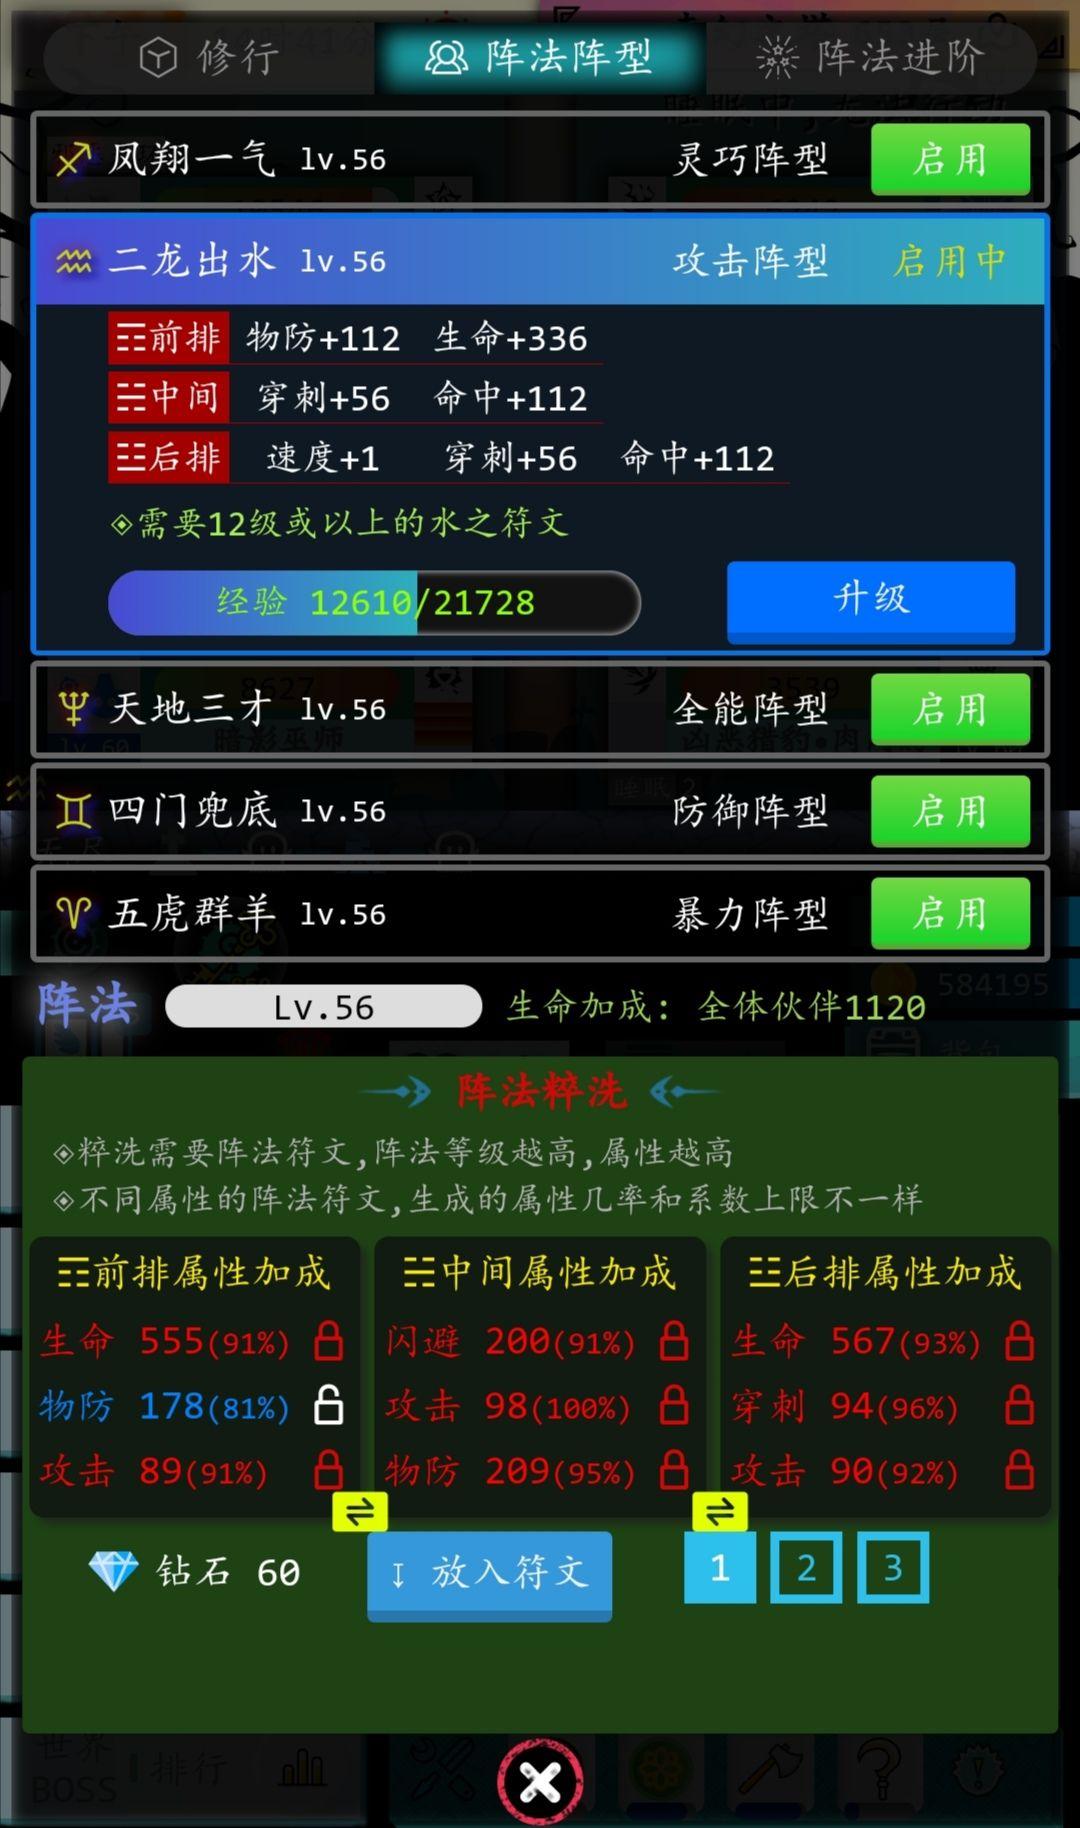 奇幻的冒险阵法详解_阵法及阵型玩法一览